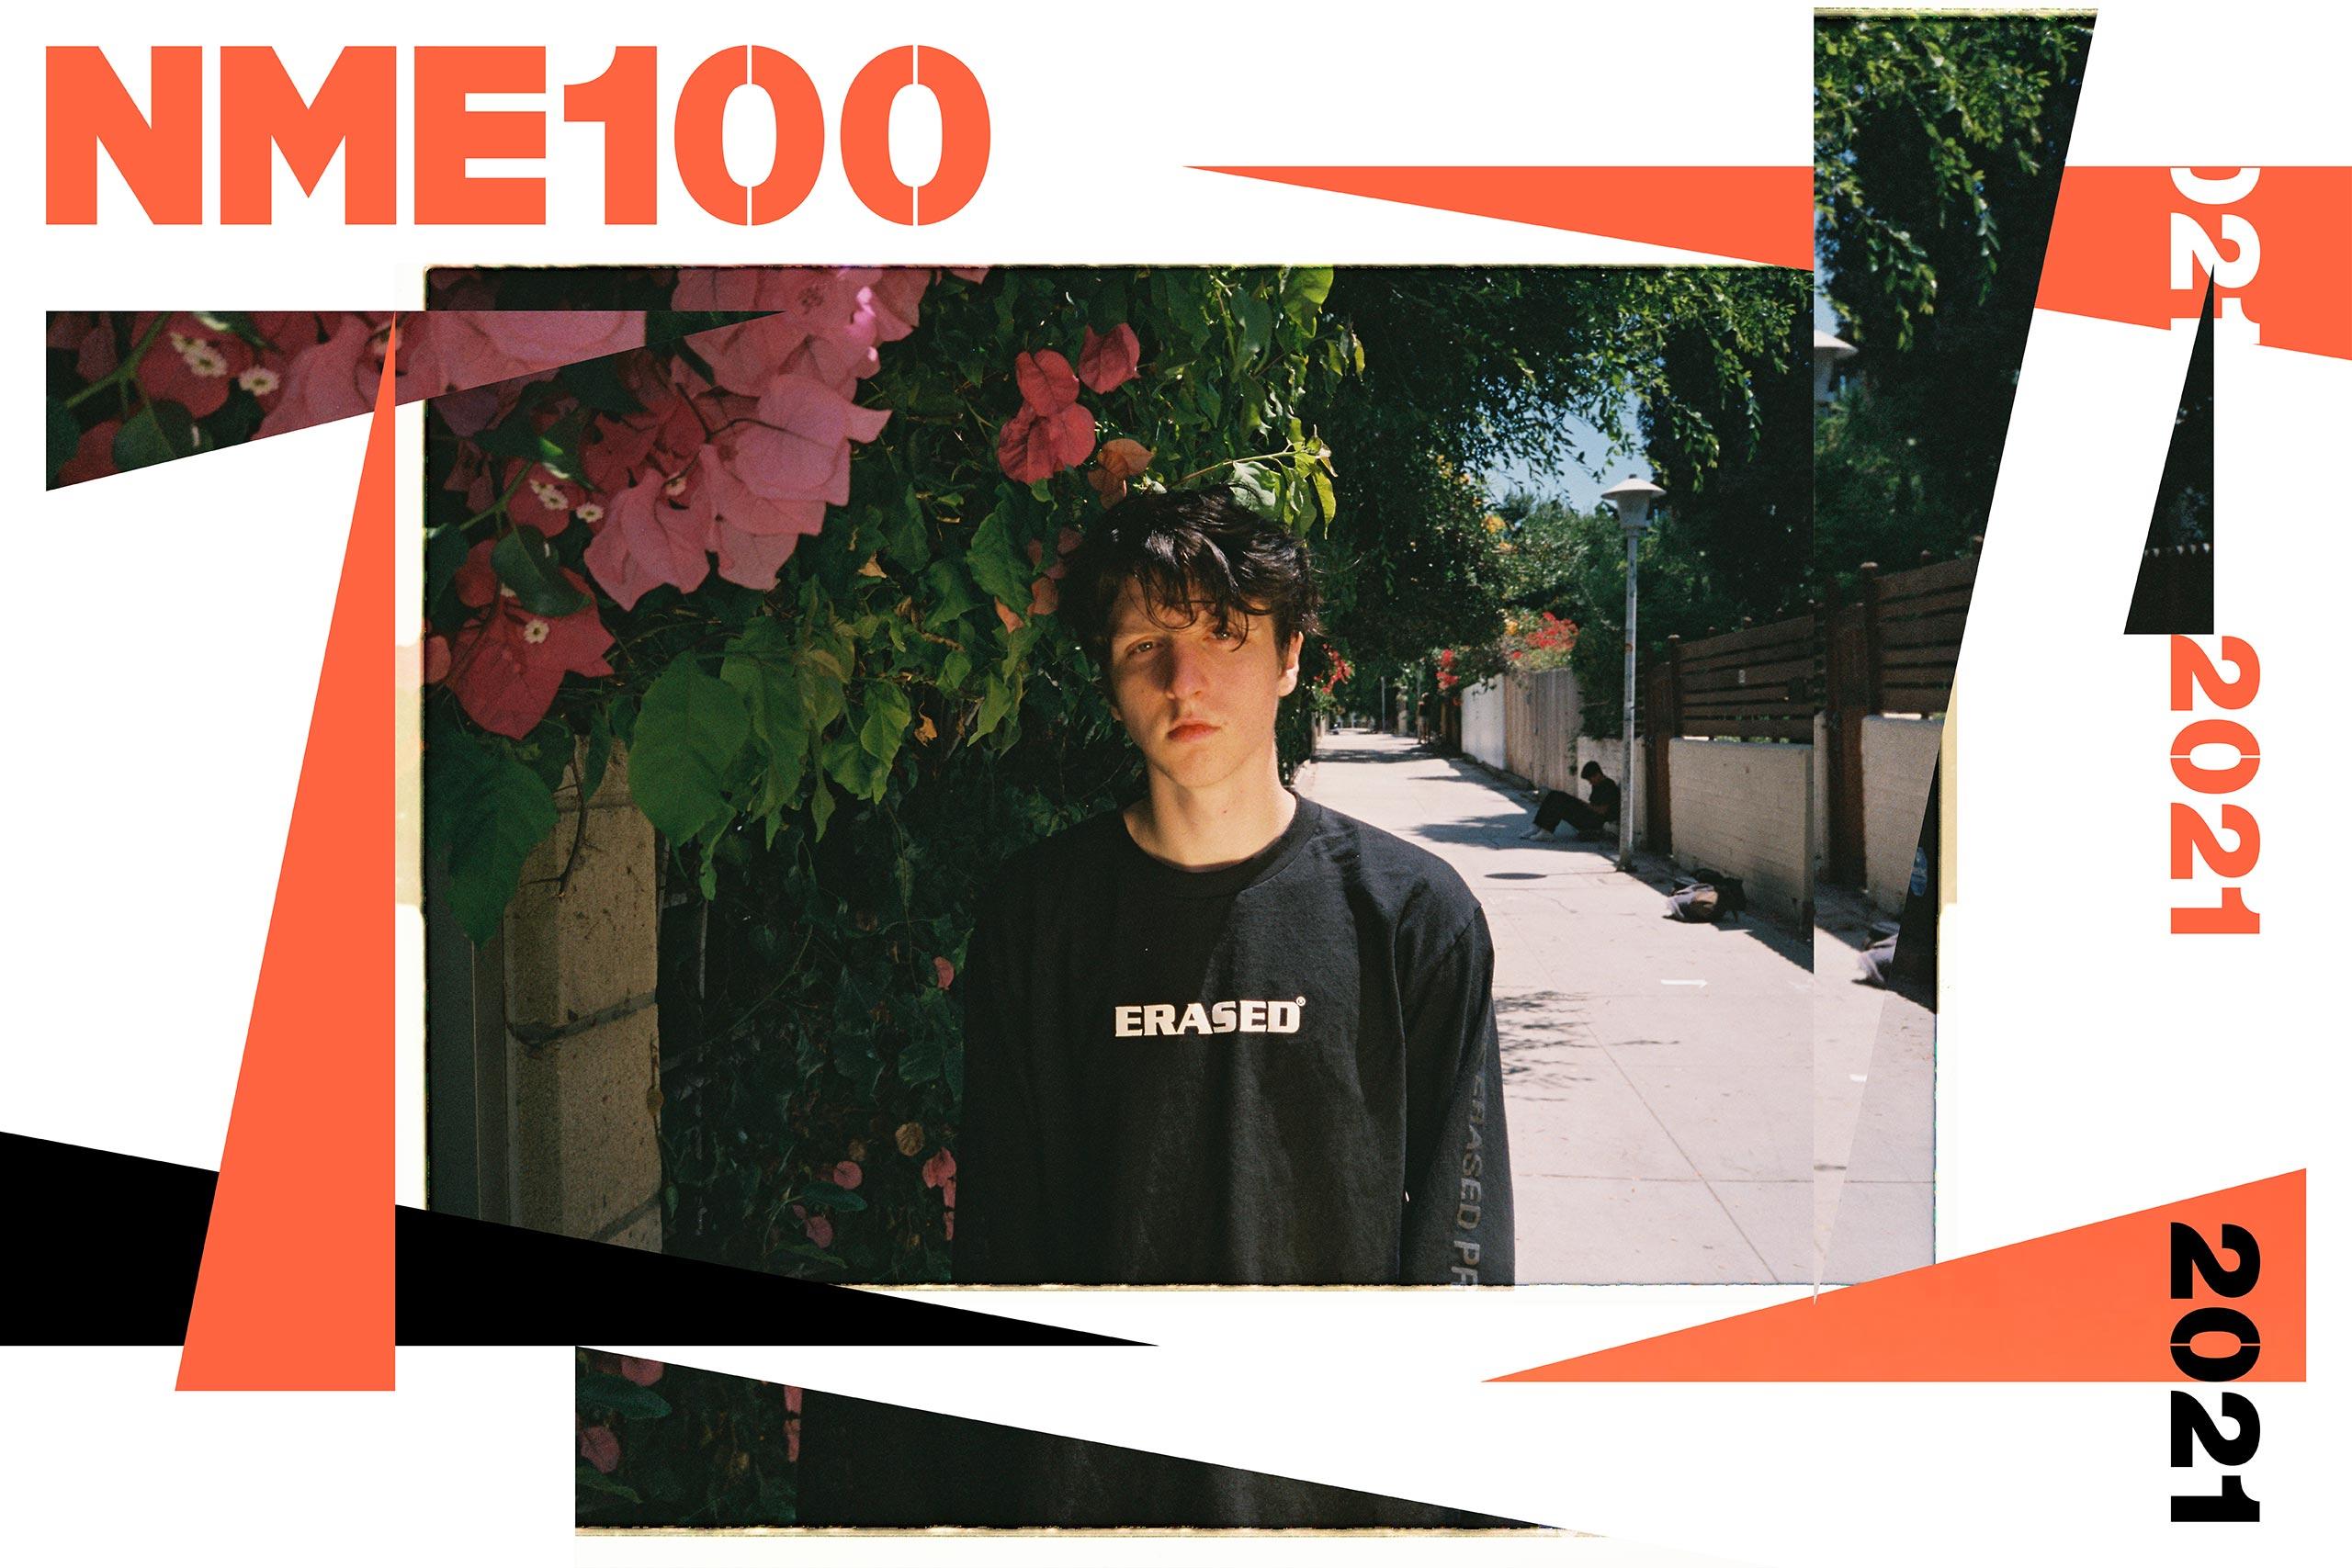 NME 100 powfu